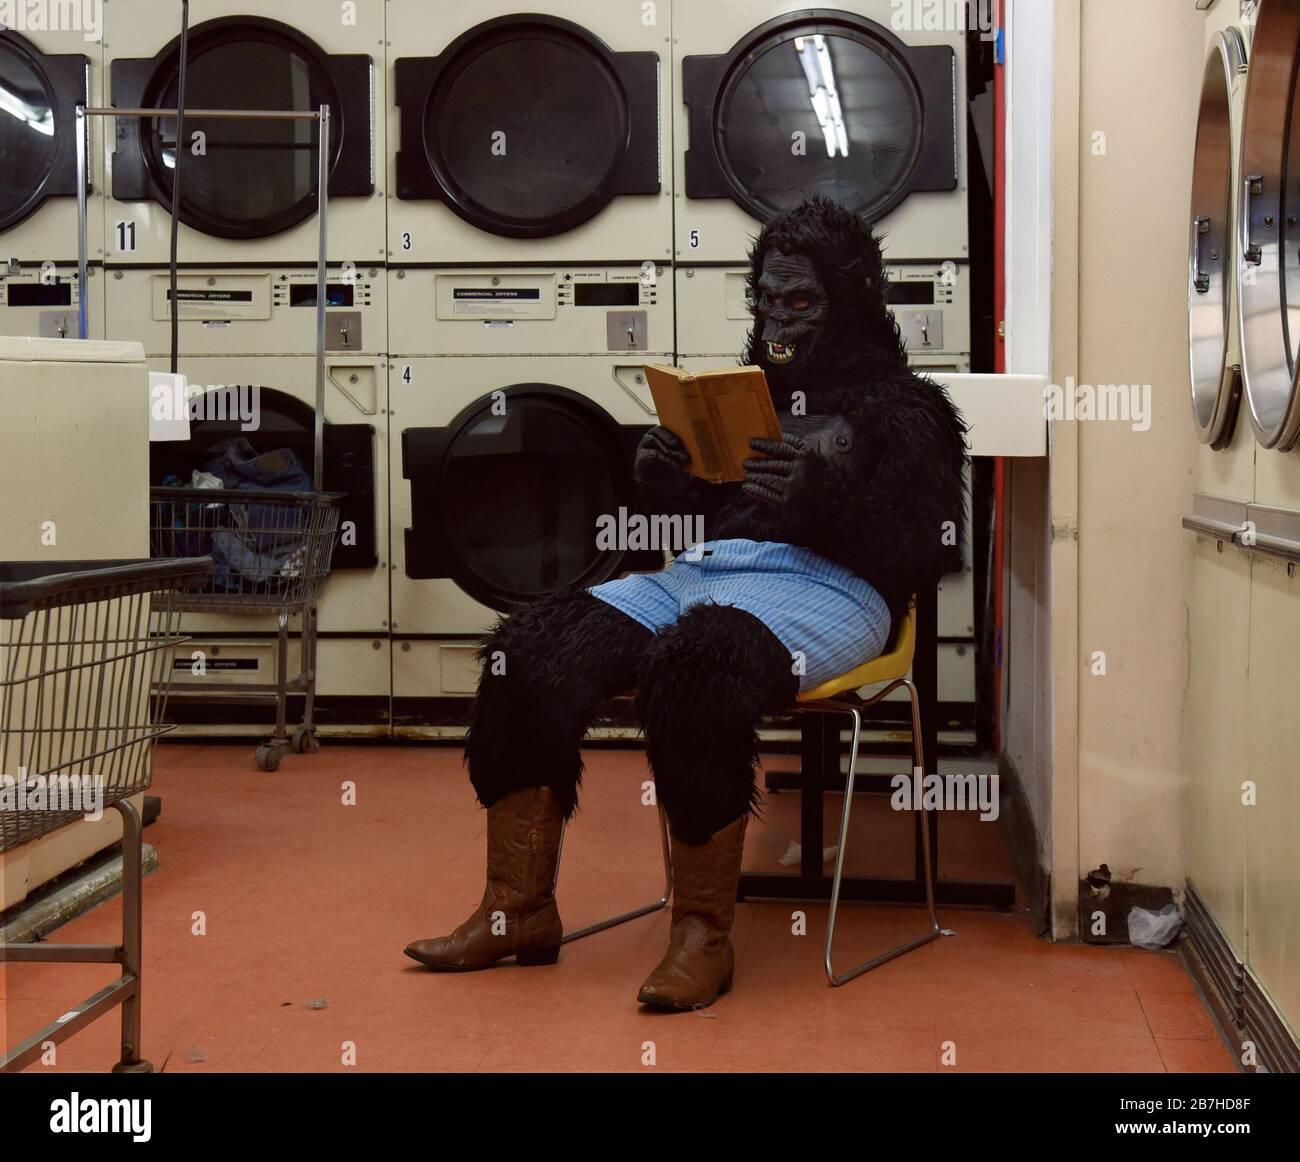 Une personne en costume de gorille est assise dans une chaise seule à une laverie automatique lisant un livre pour un concept de loisirs humoristique. Banque D'Images